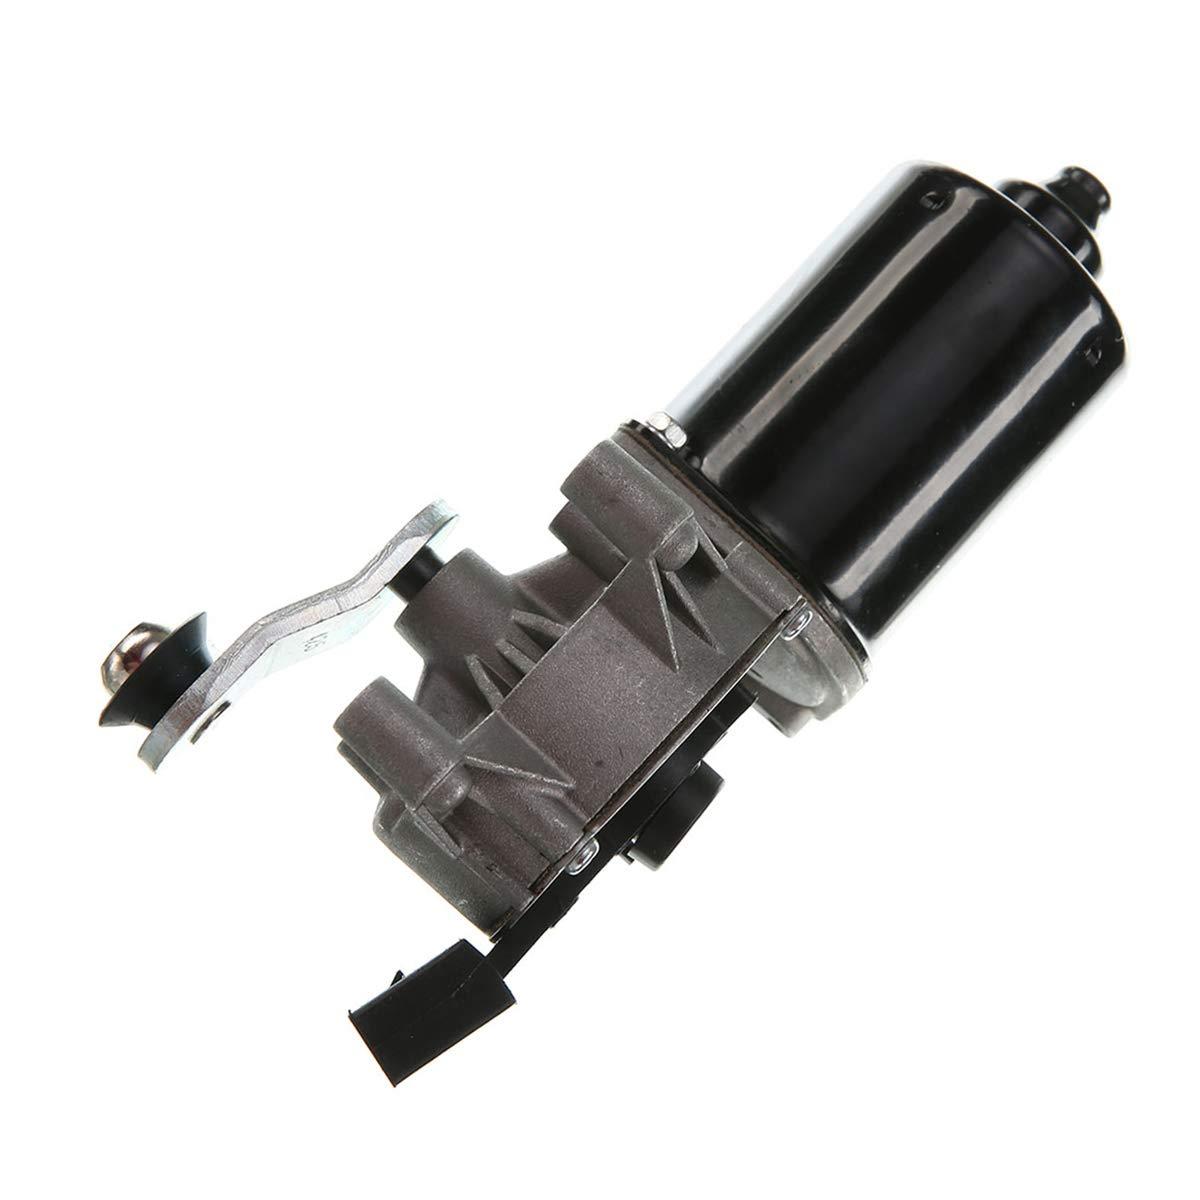 Motorino tergicristallo anteriore per serie 3 E90 E91 E92 E93 316 318 320 323 325 330 335 M3 M GTS 2004-2011 Magneti Marelli 6978263